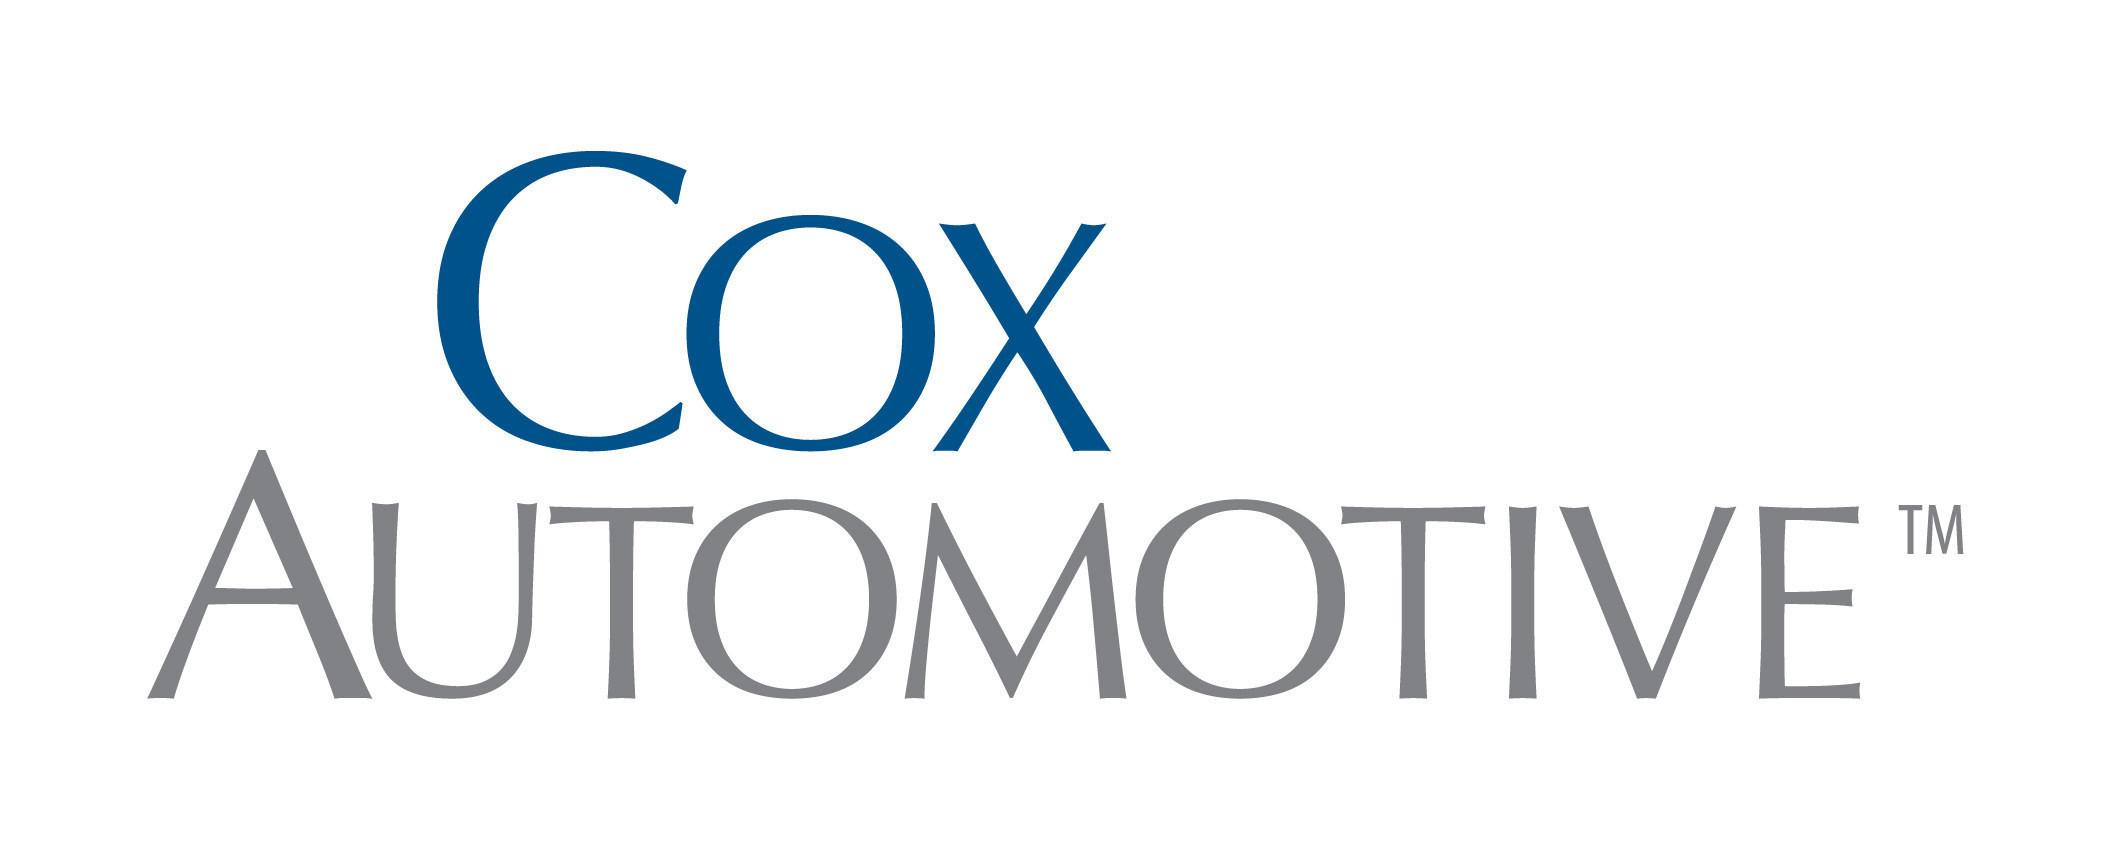 Cox Automotive's Future of Digital Retail Study Reveals